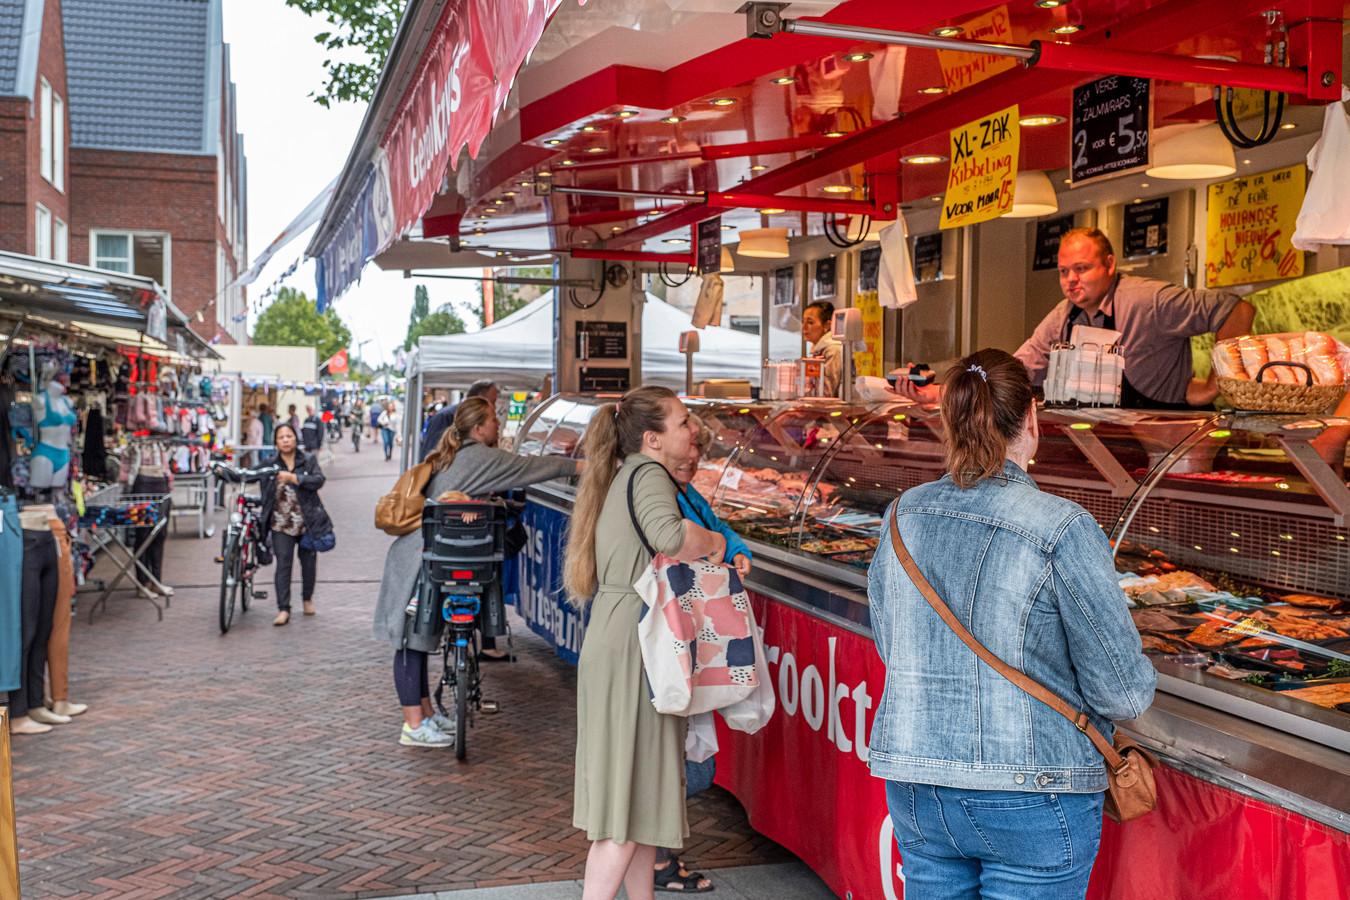 De markt van Cuijk (elke woensdag) staat sinds dit voorjaar tijdelijk op de Zwaanstraat.